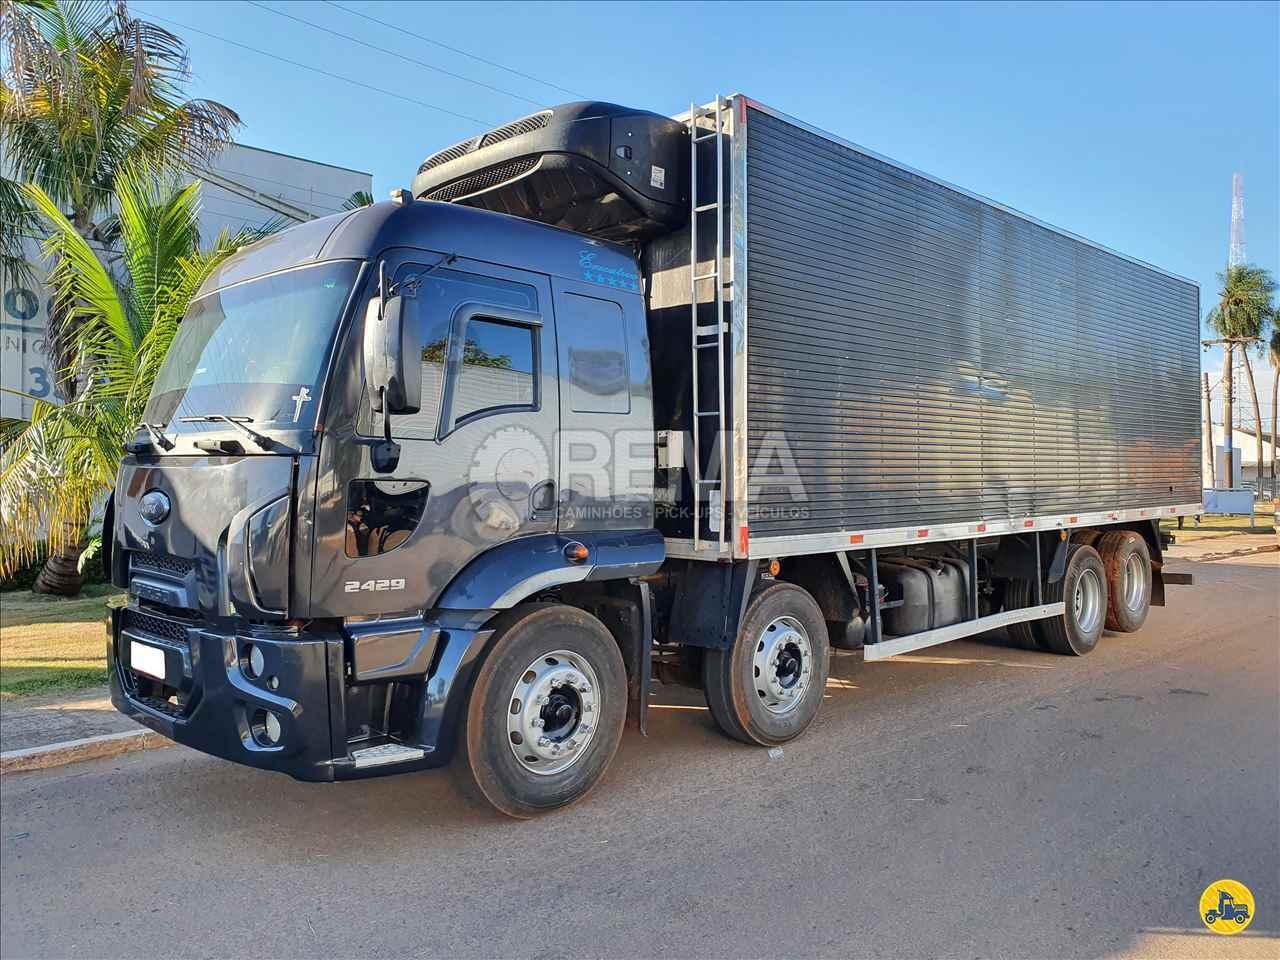 CAMINHAO FORD CARGO 2429 Baú Frigorífico BiTruck 8x2 Rema Caminhões - MS CAMPO GRANDE MATO GROSSO DO SUL MS